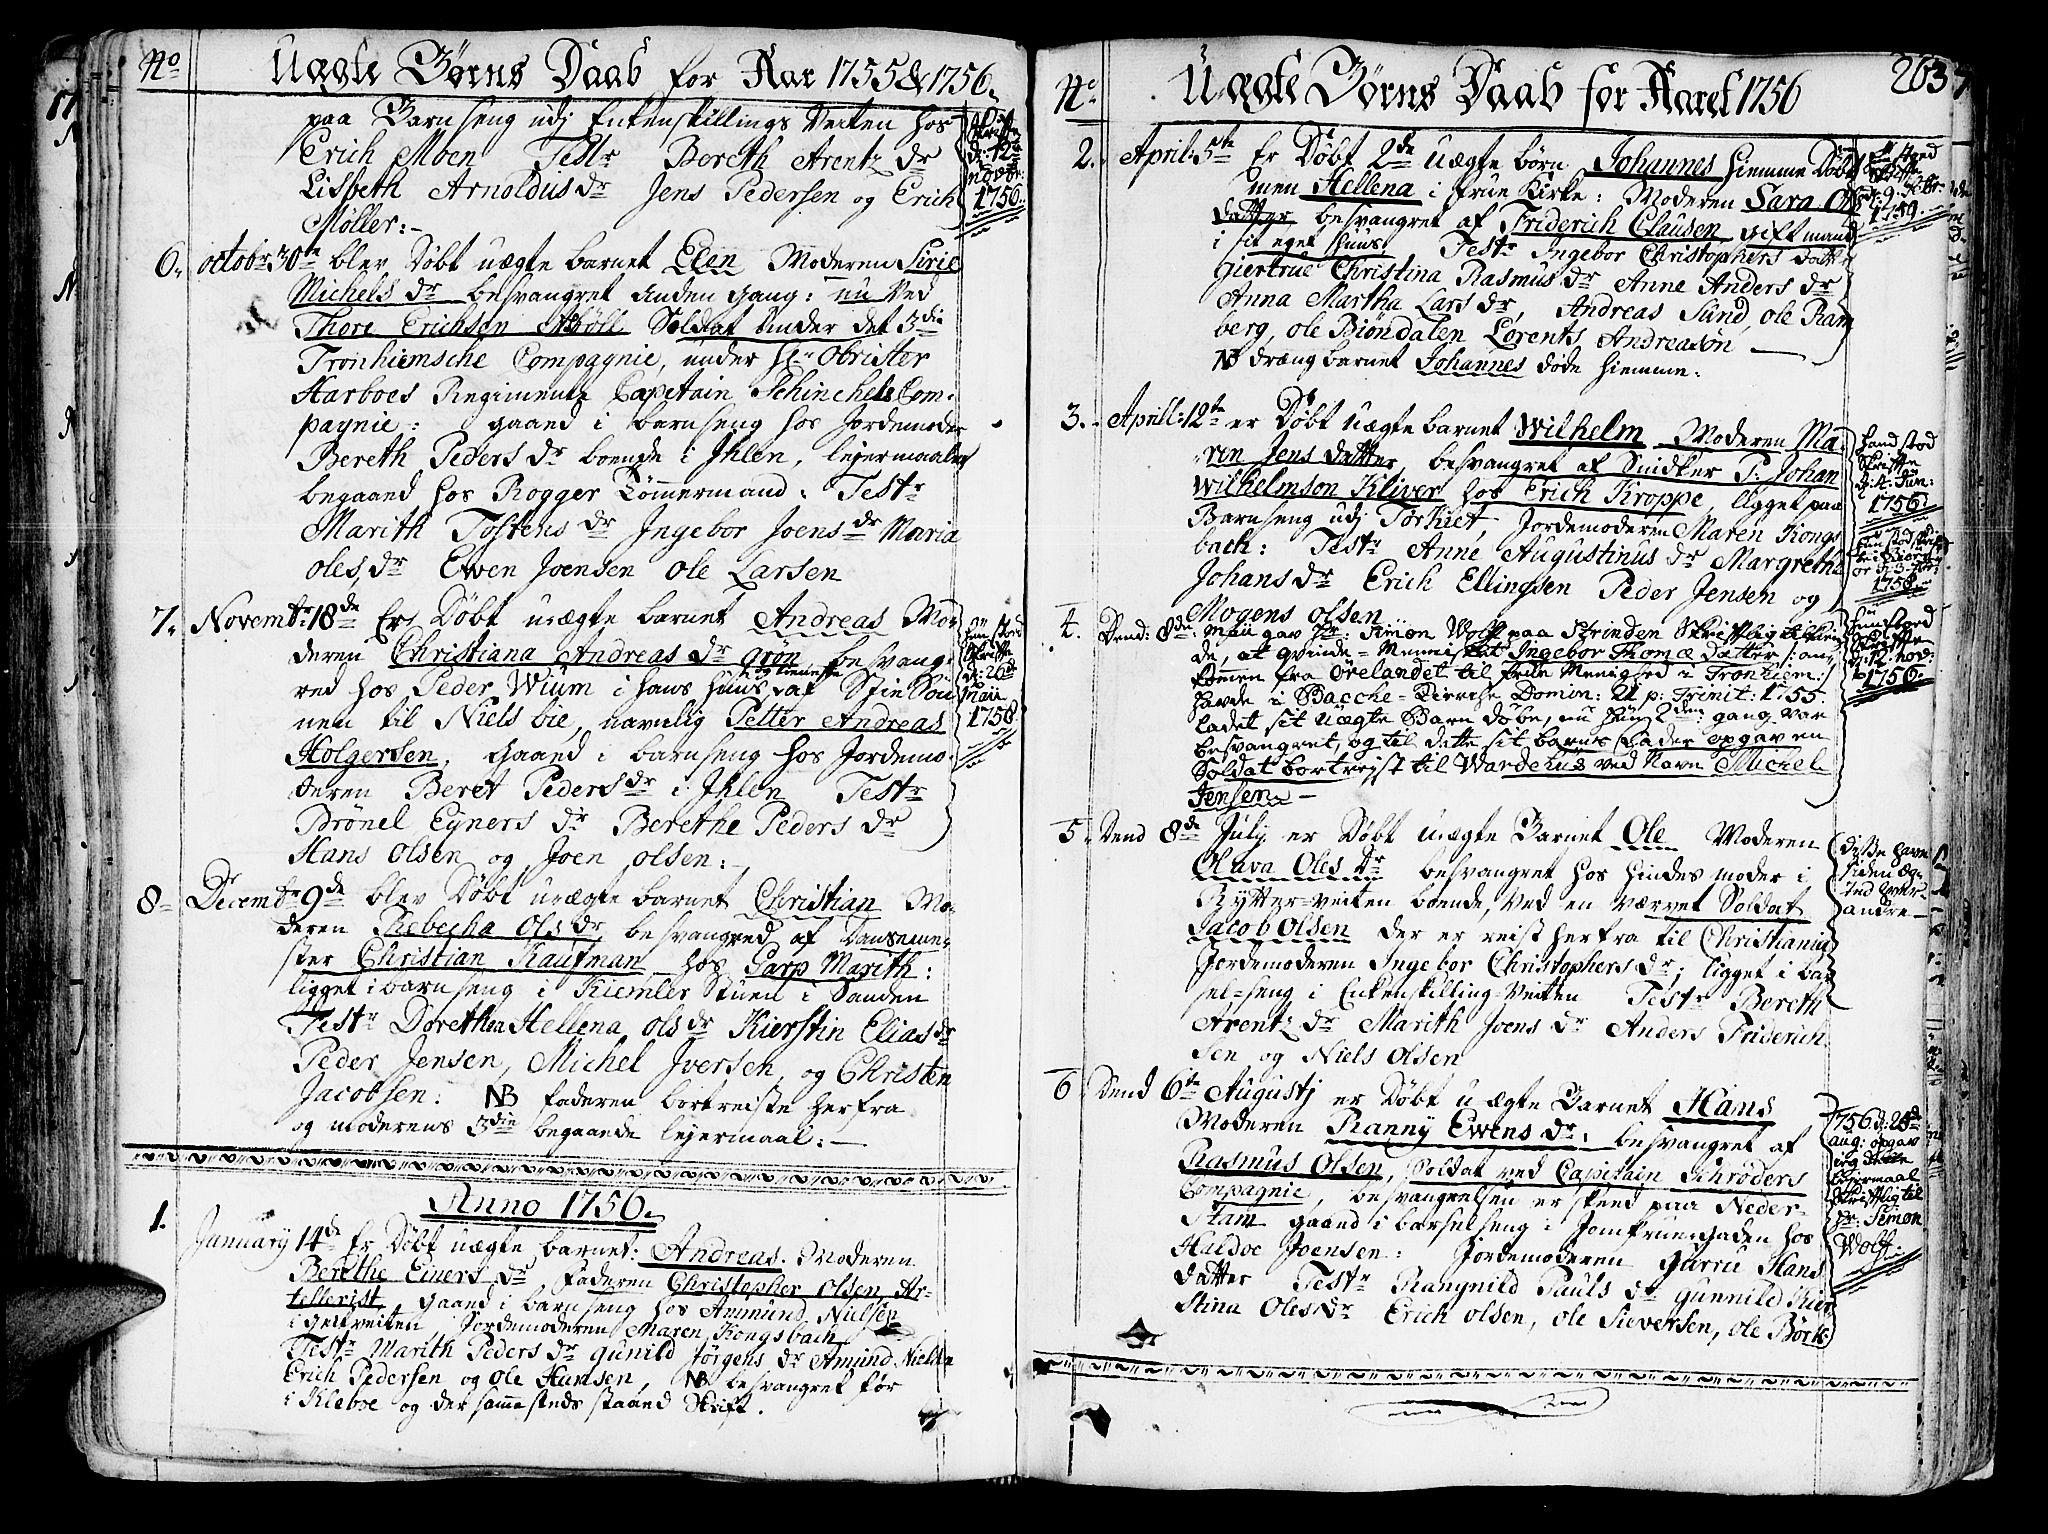 SAT, Ministerialprotokoller, klokkerbøker og fødselsregistre - Sør-Trøndelag, 602/L0103: Ministerialbok nr. 602A01, 1732-1774, s. 263